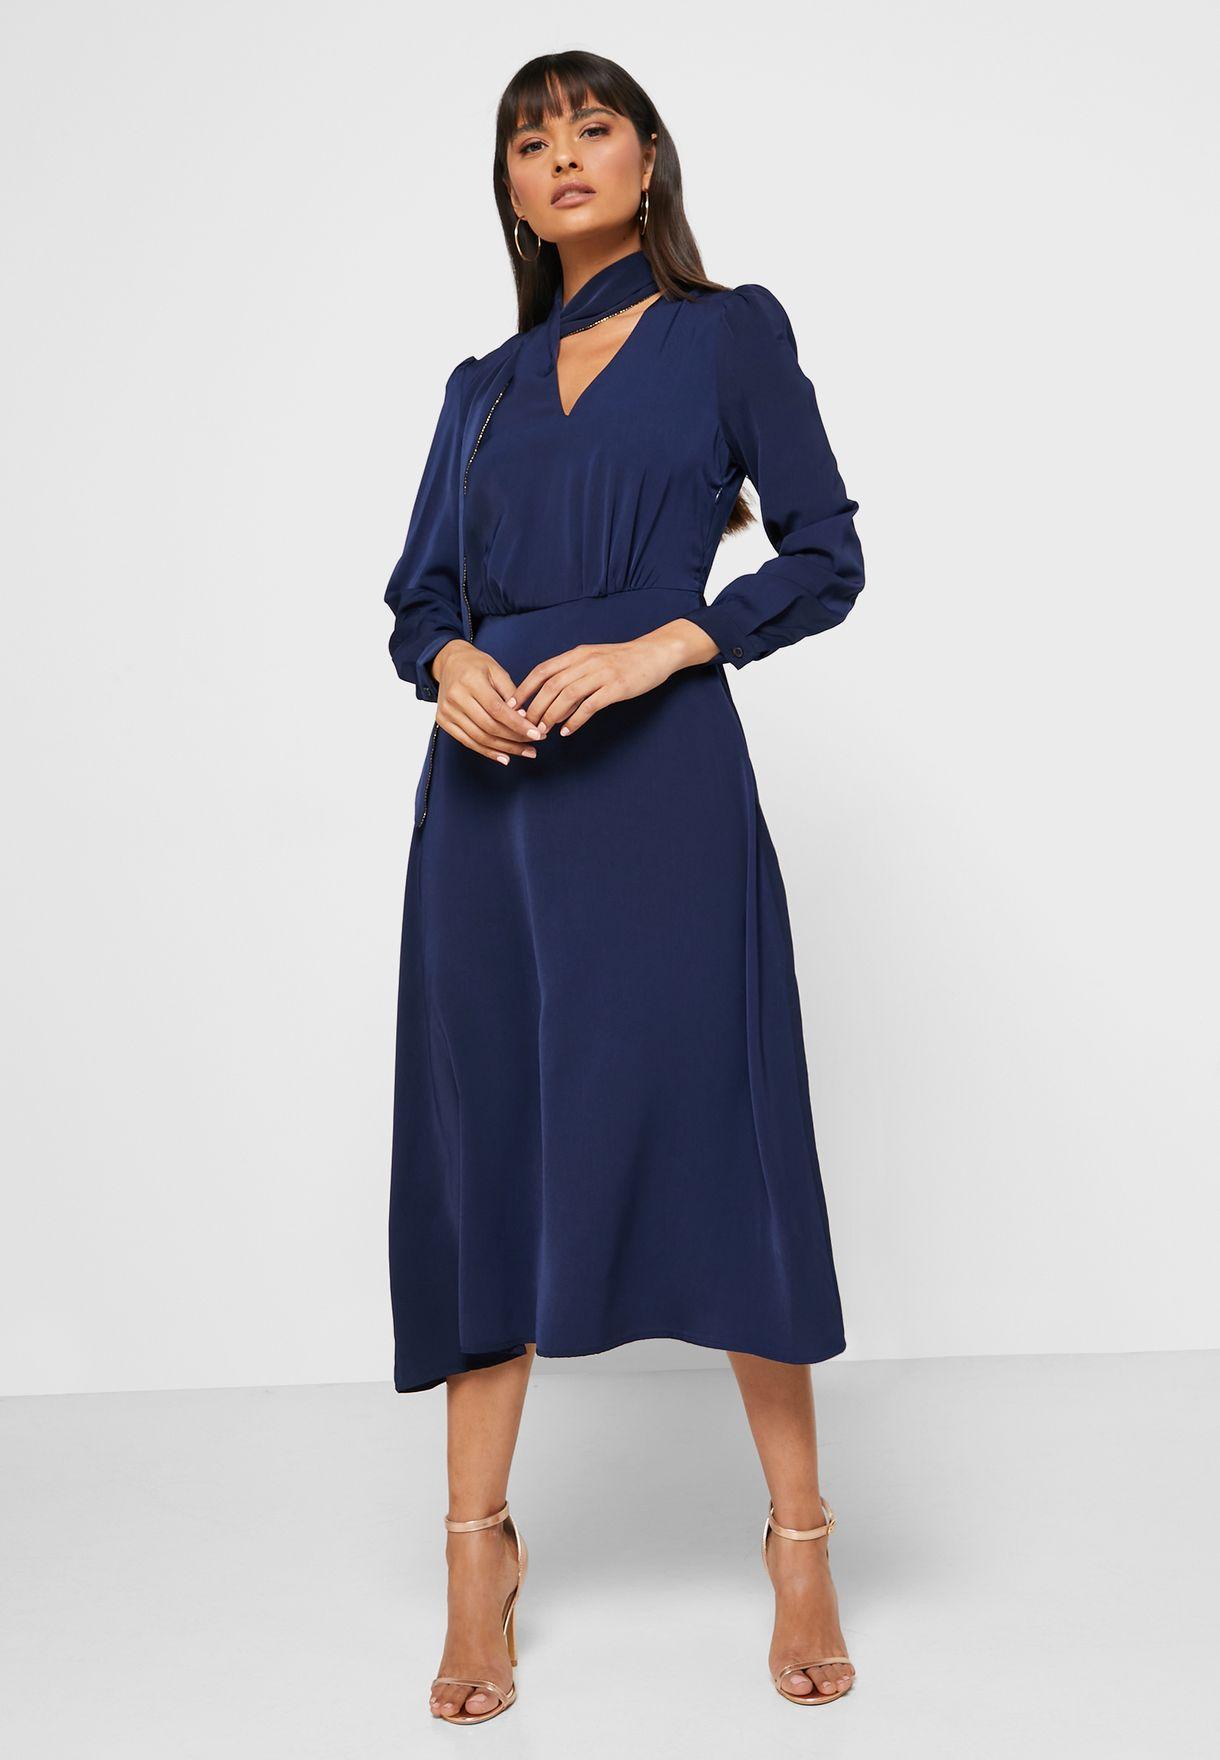 فستان ميدي مع اربطة عنق